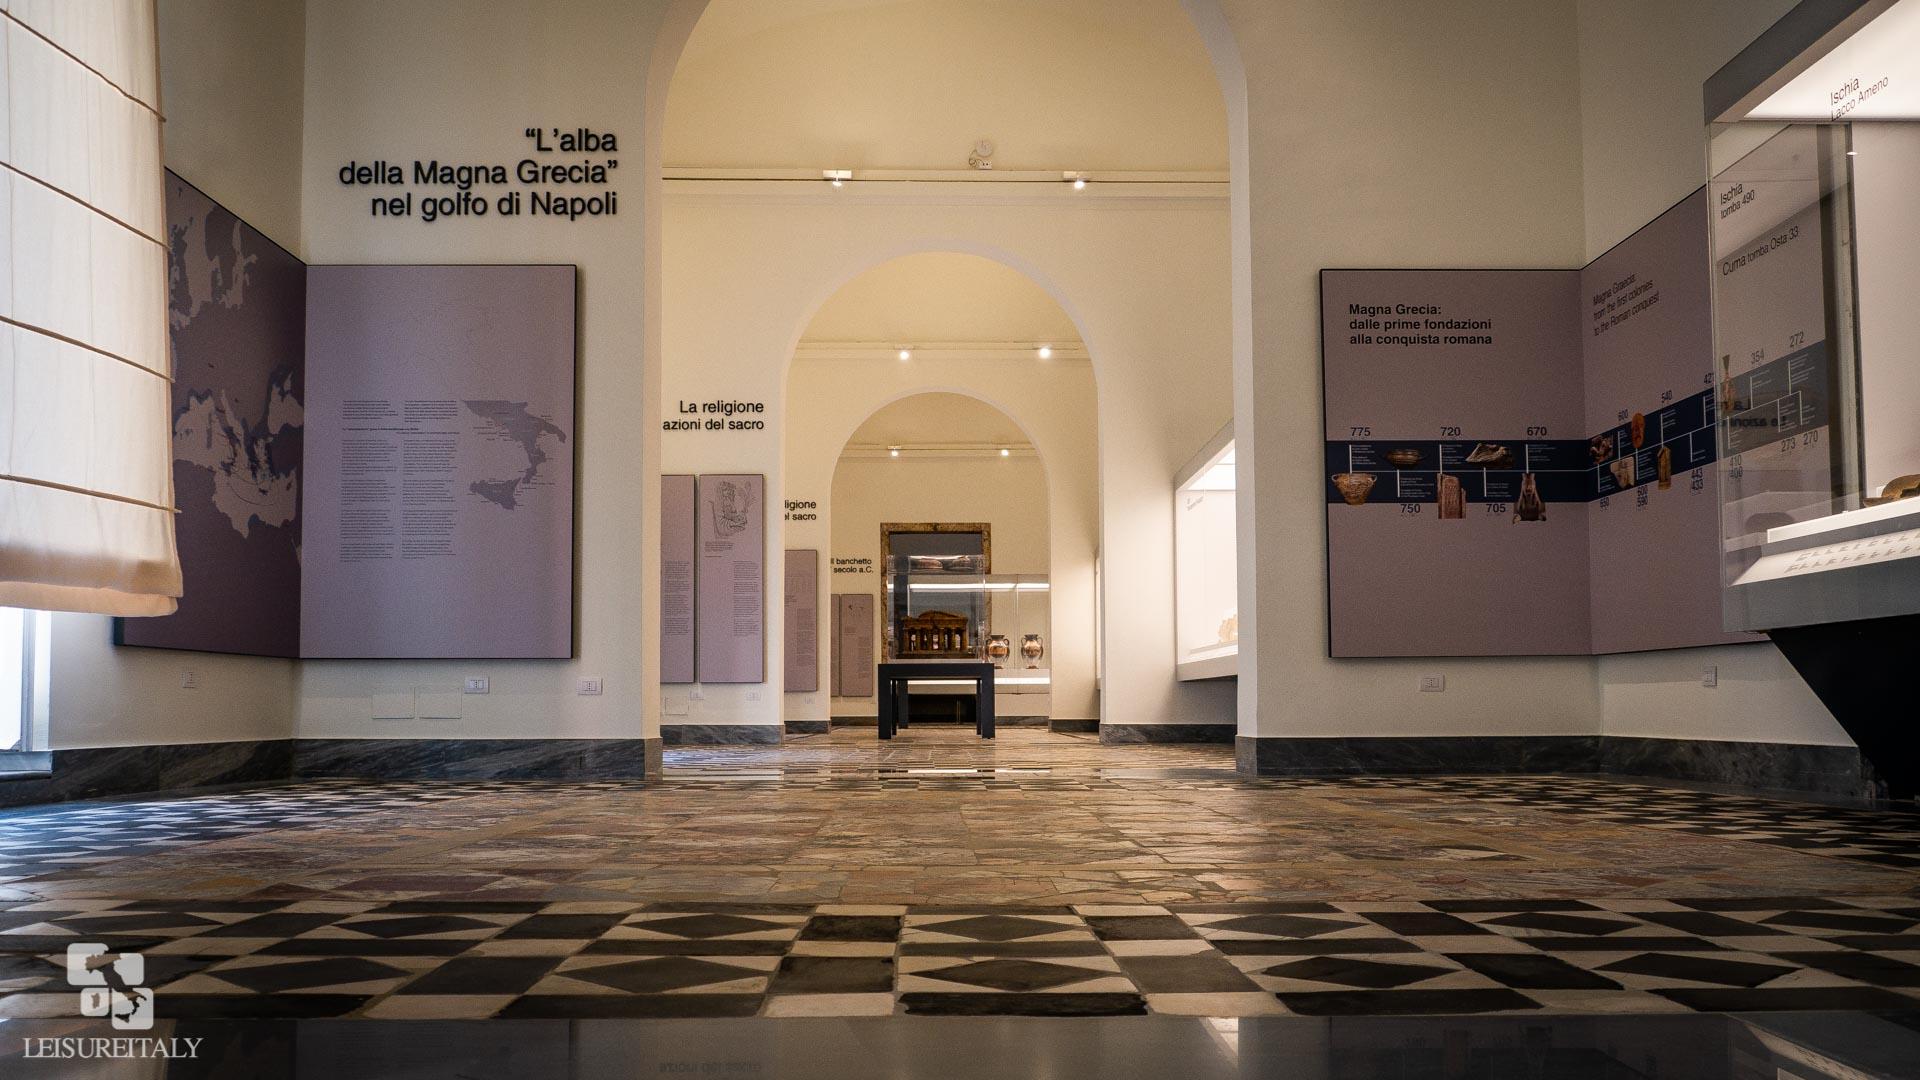 the entrance of the magna Grecia exhibit